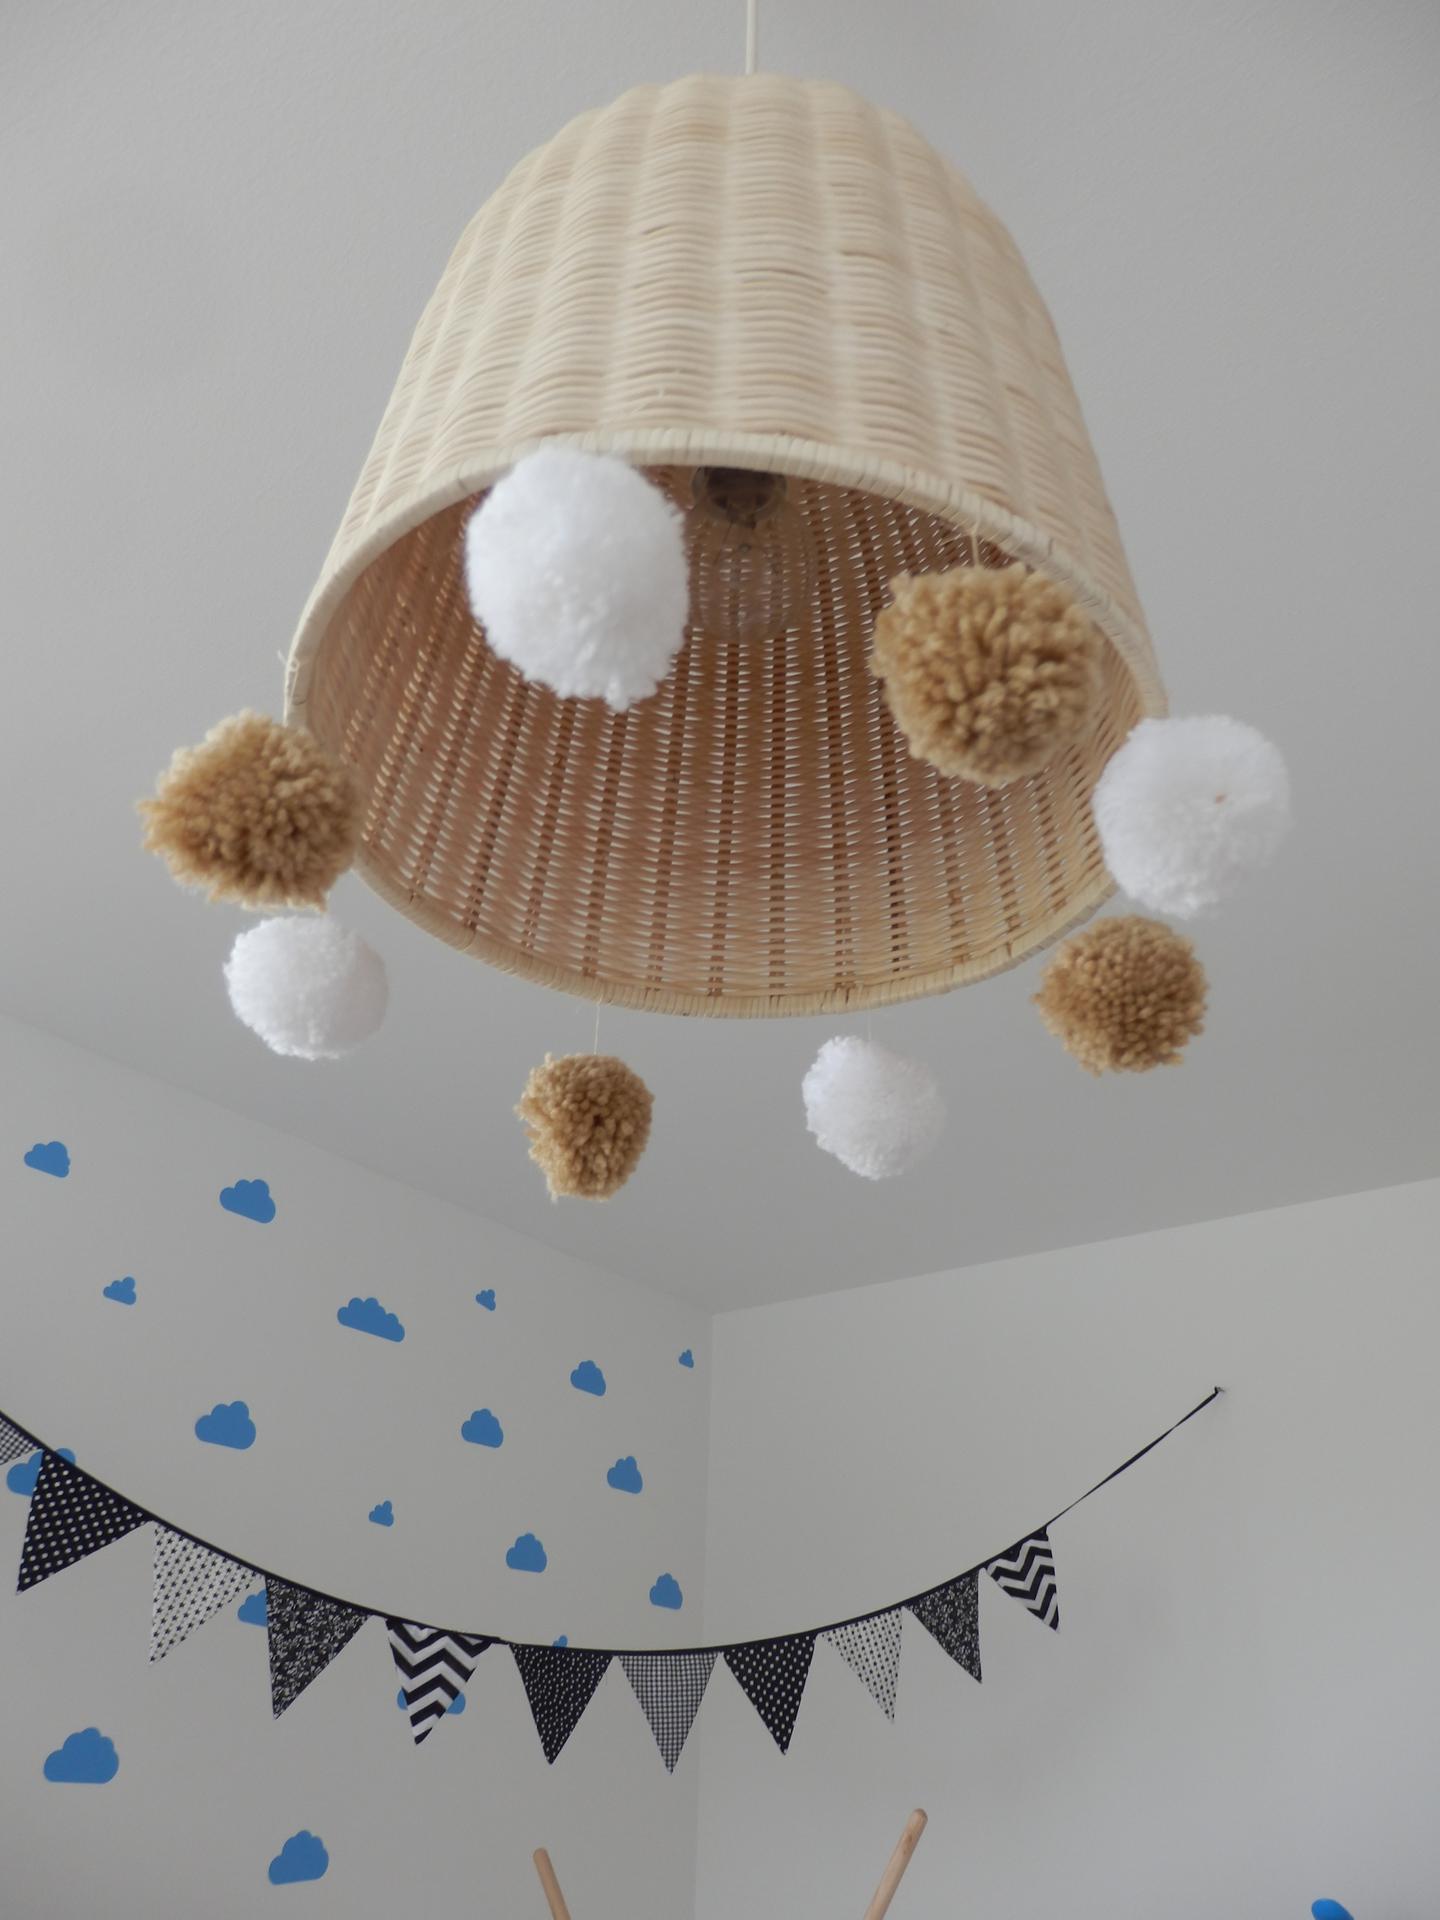 Tvoření je radost - Lampa Ikea leran ozdobená bambulkami.